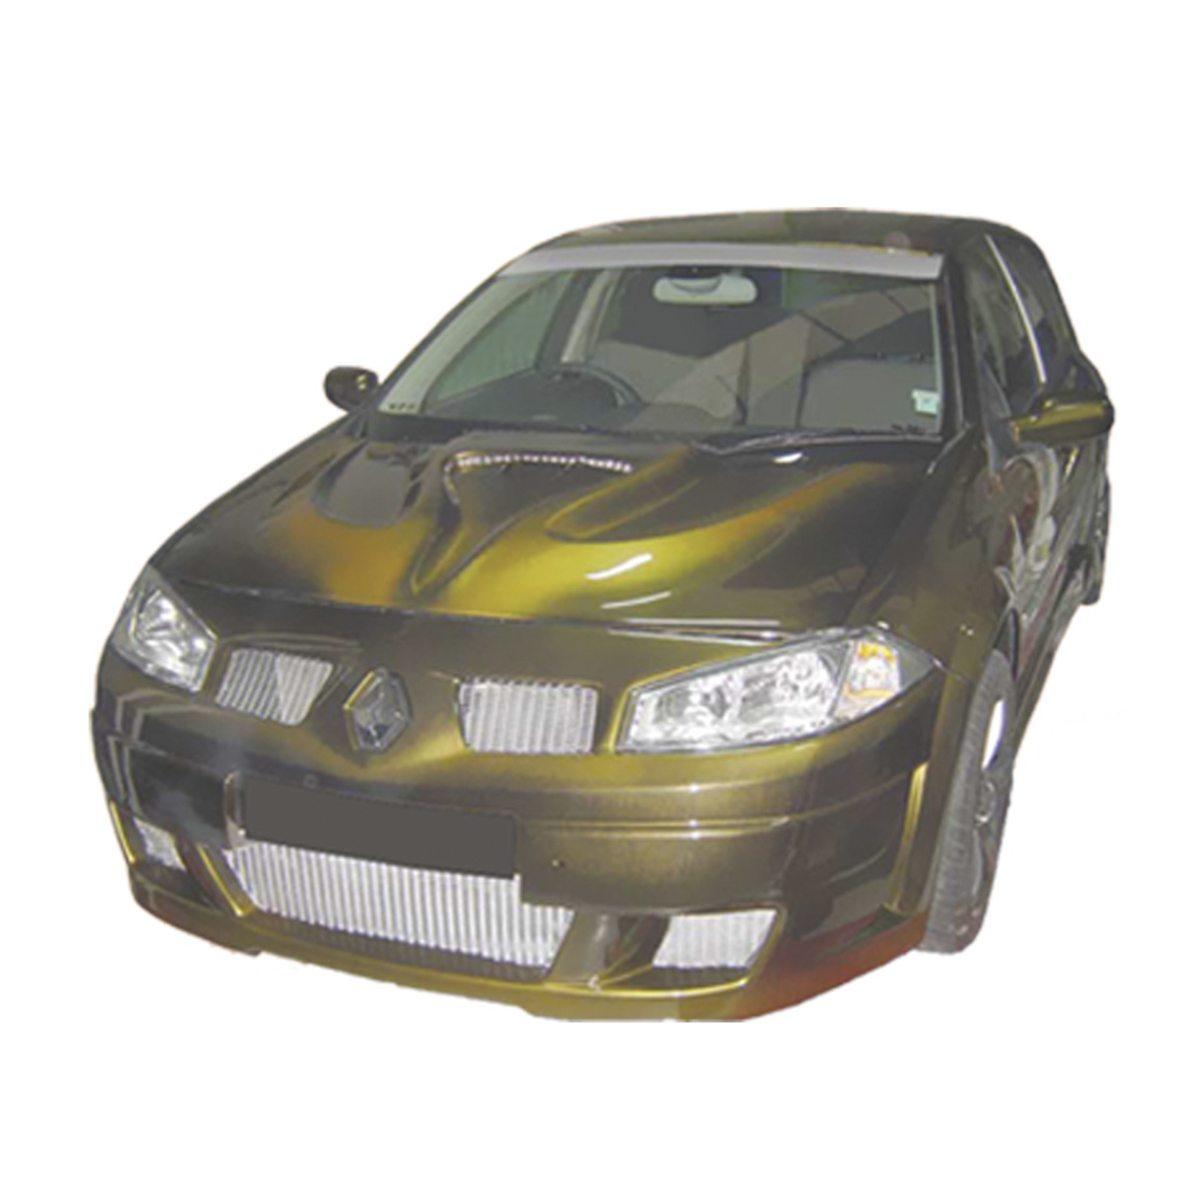 Renault-Megane-02-Megaline-Frt-PCS184